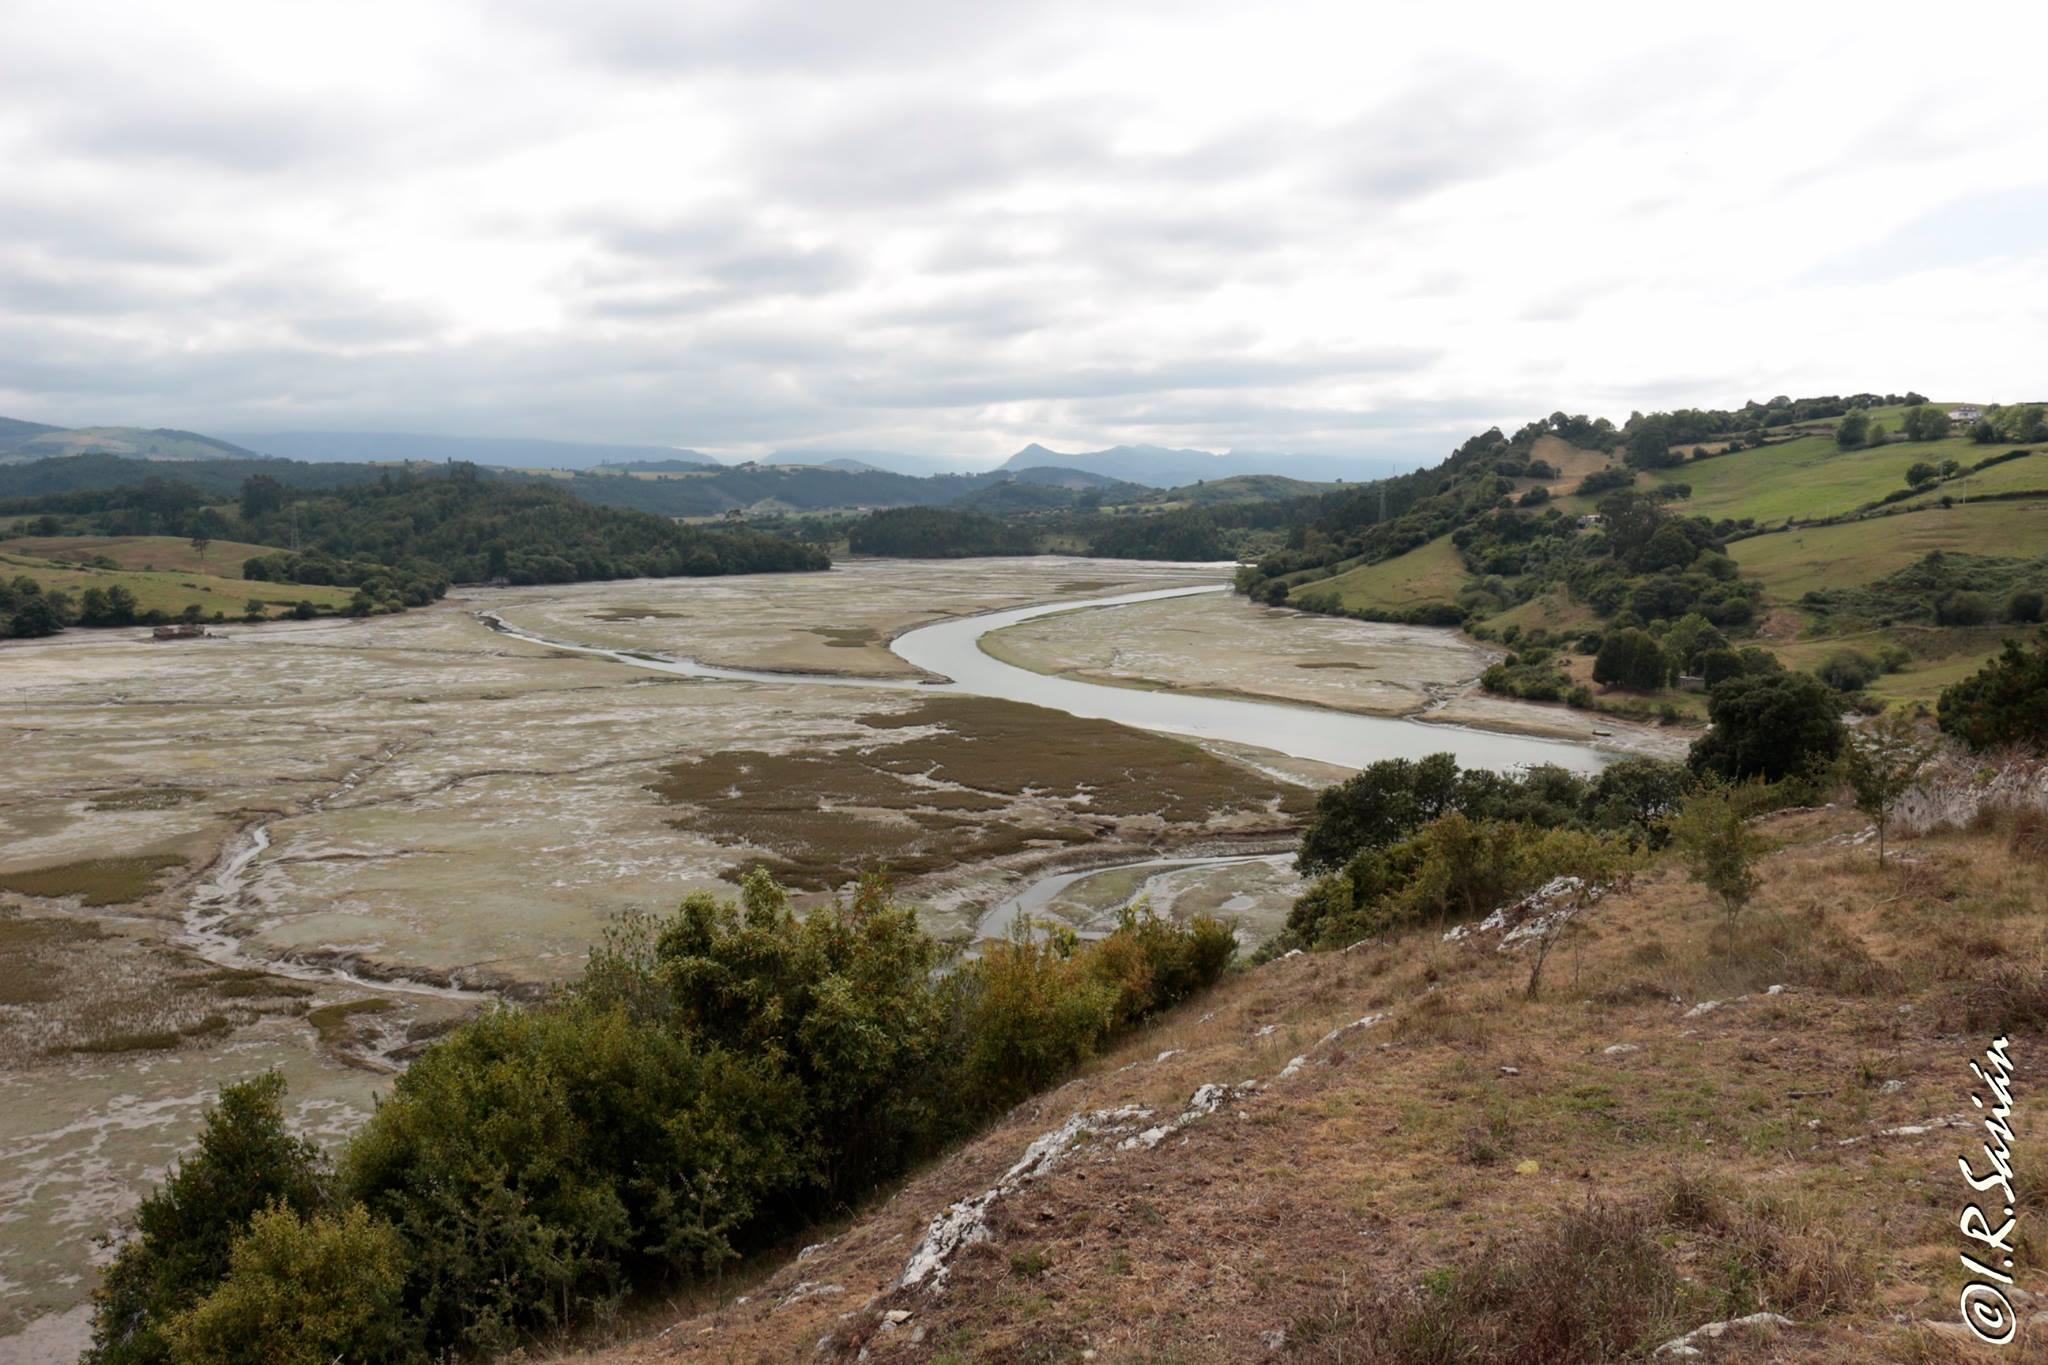 #Natureandoencorto - Ronda de San Vicente por Iván Ruiz Sasián